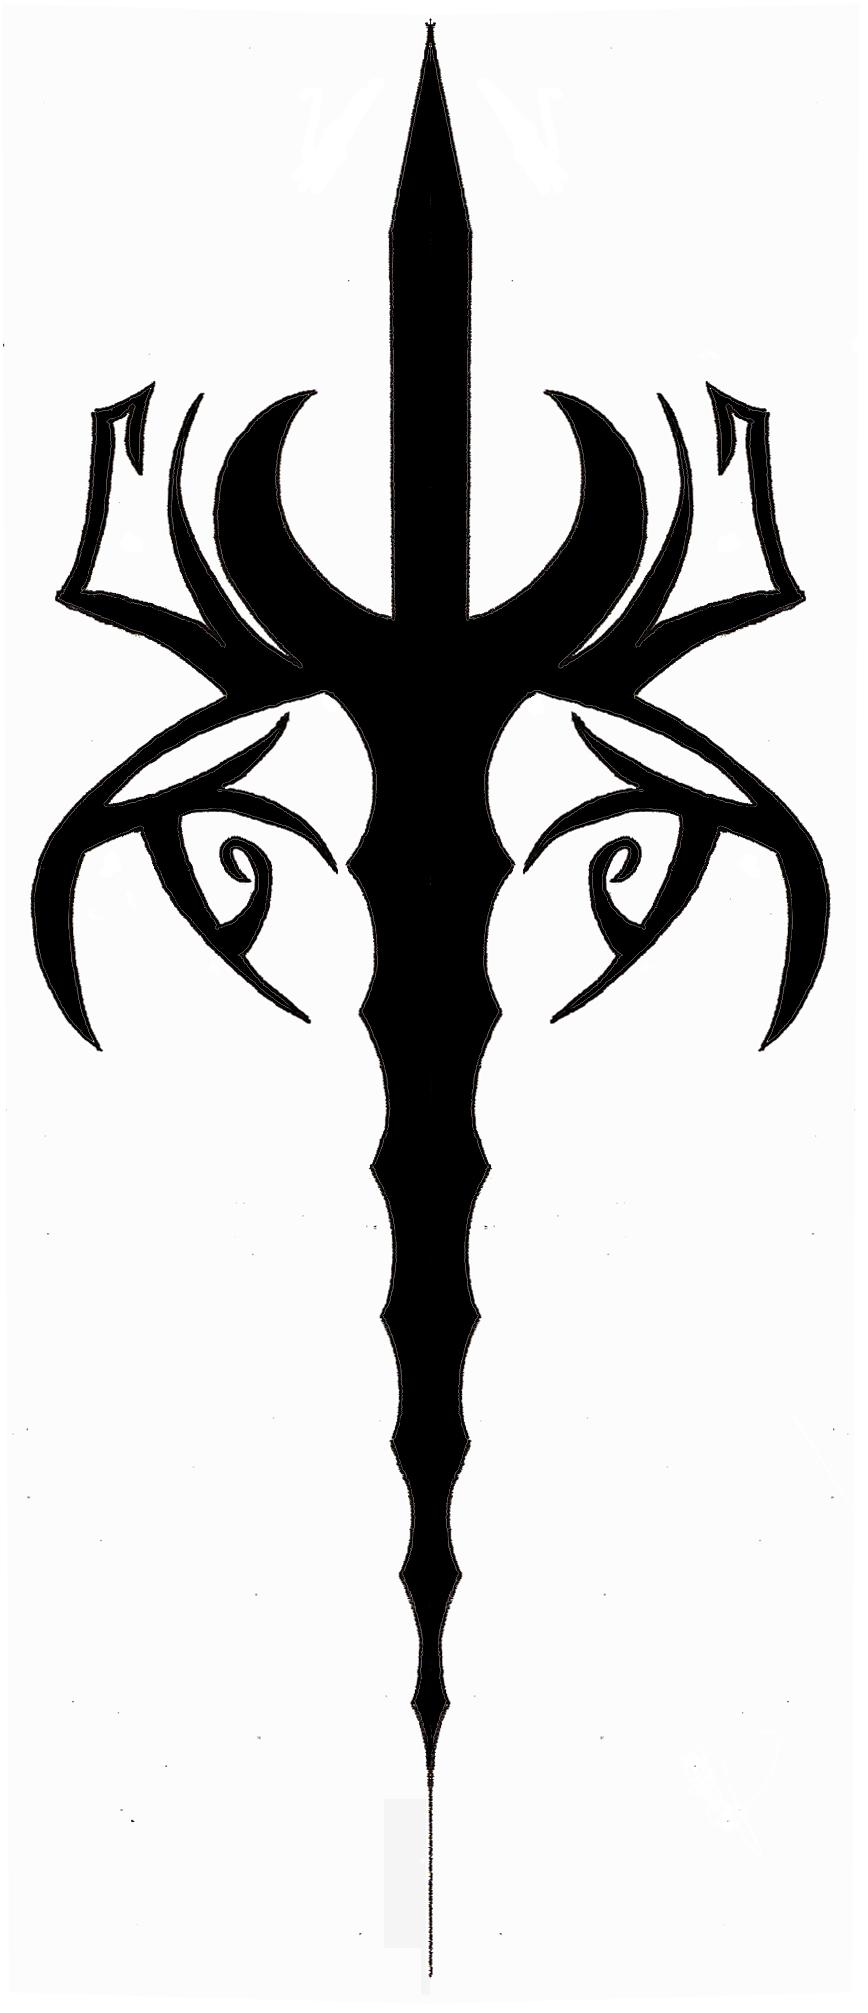 Dagger - Band's logo